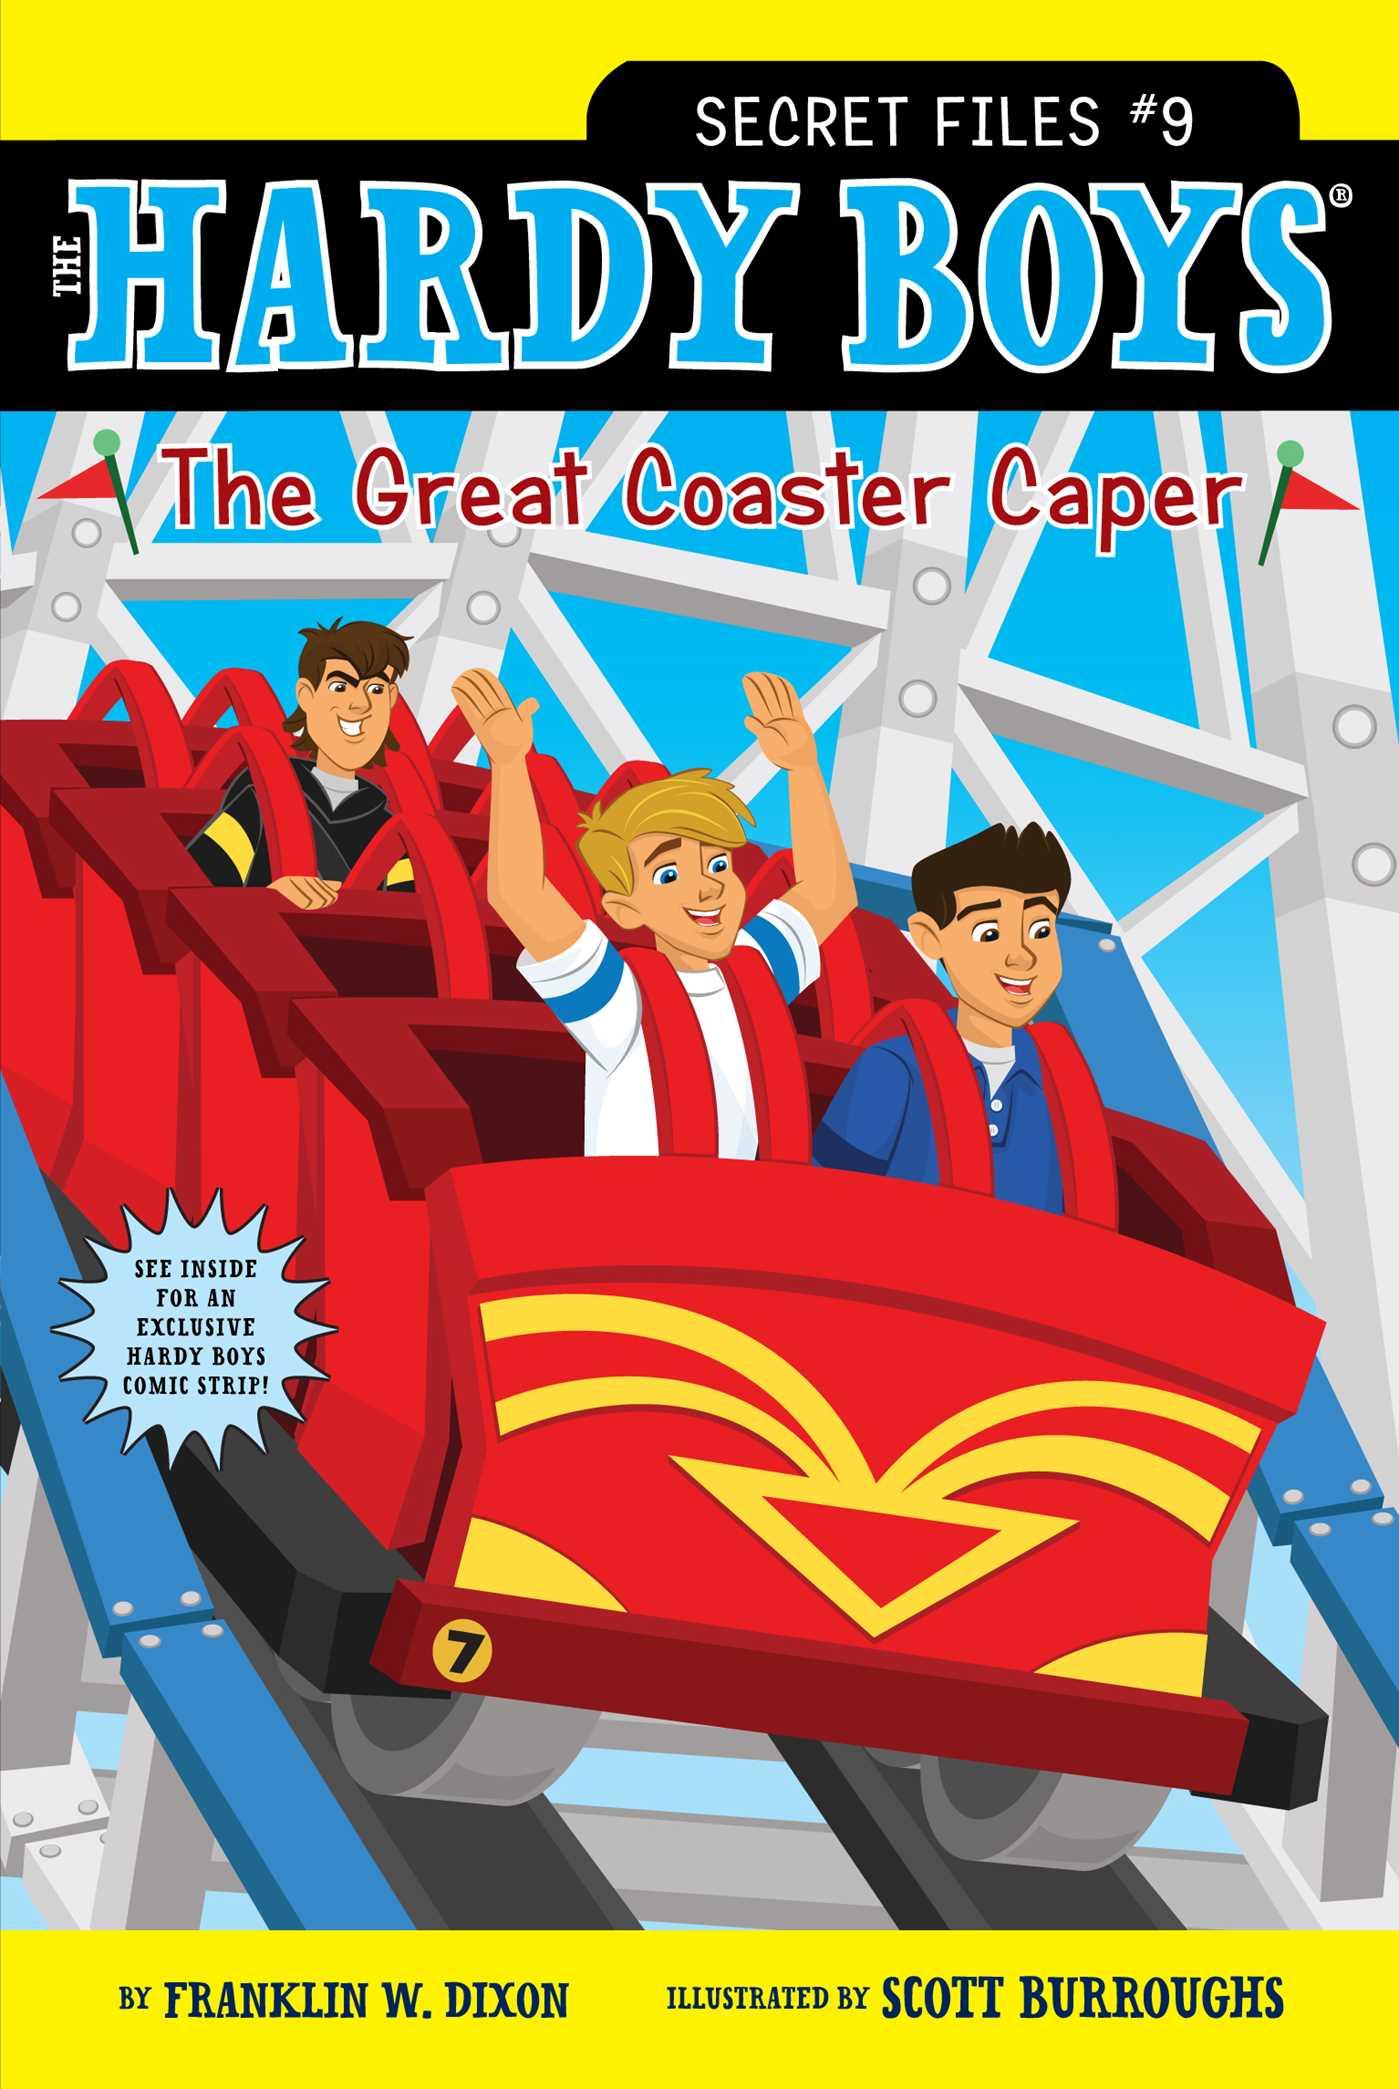 The great coaster caper 9781442416703 hr